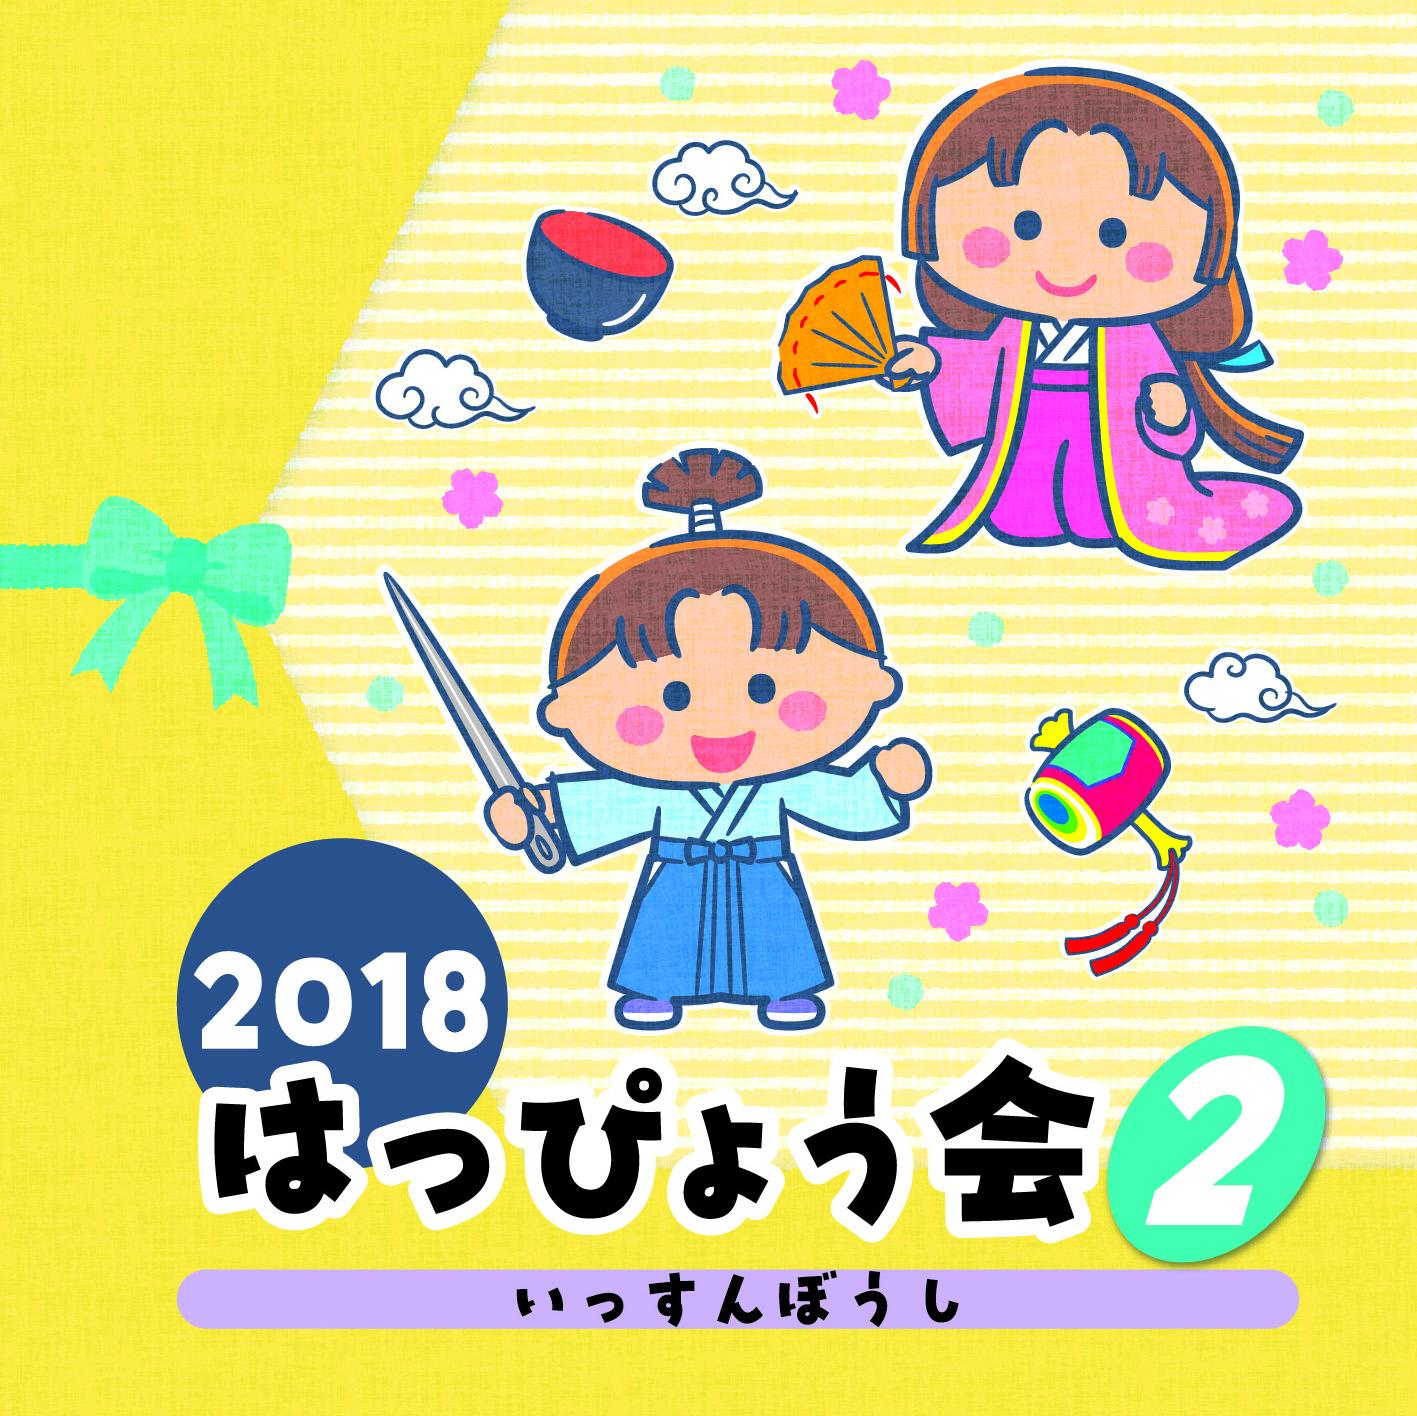 2018 はっぴょう会 (2) いっすんぼうし